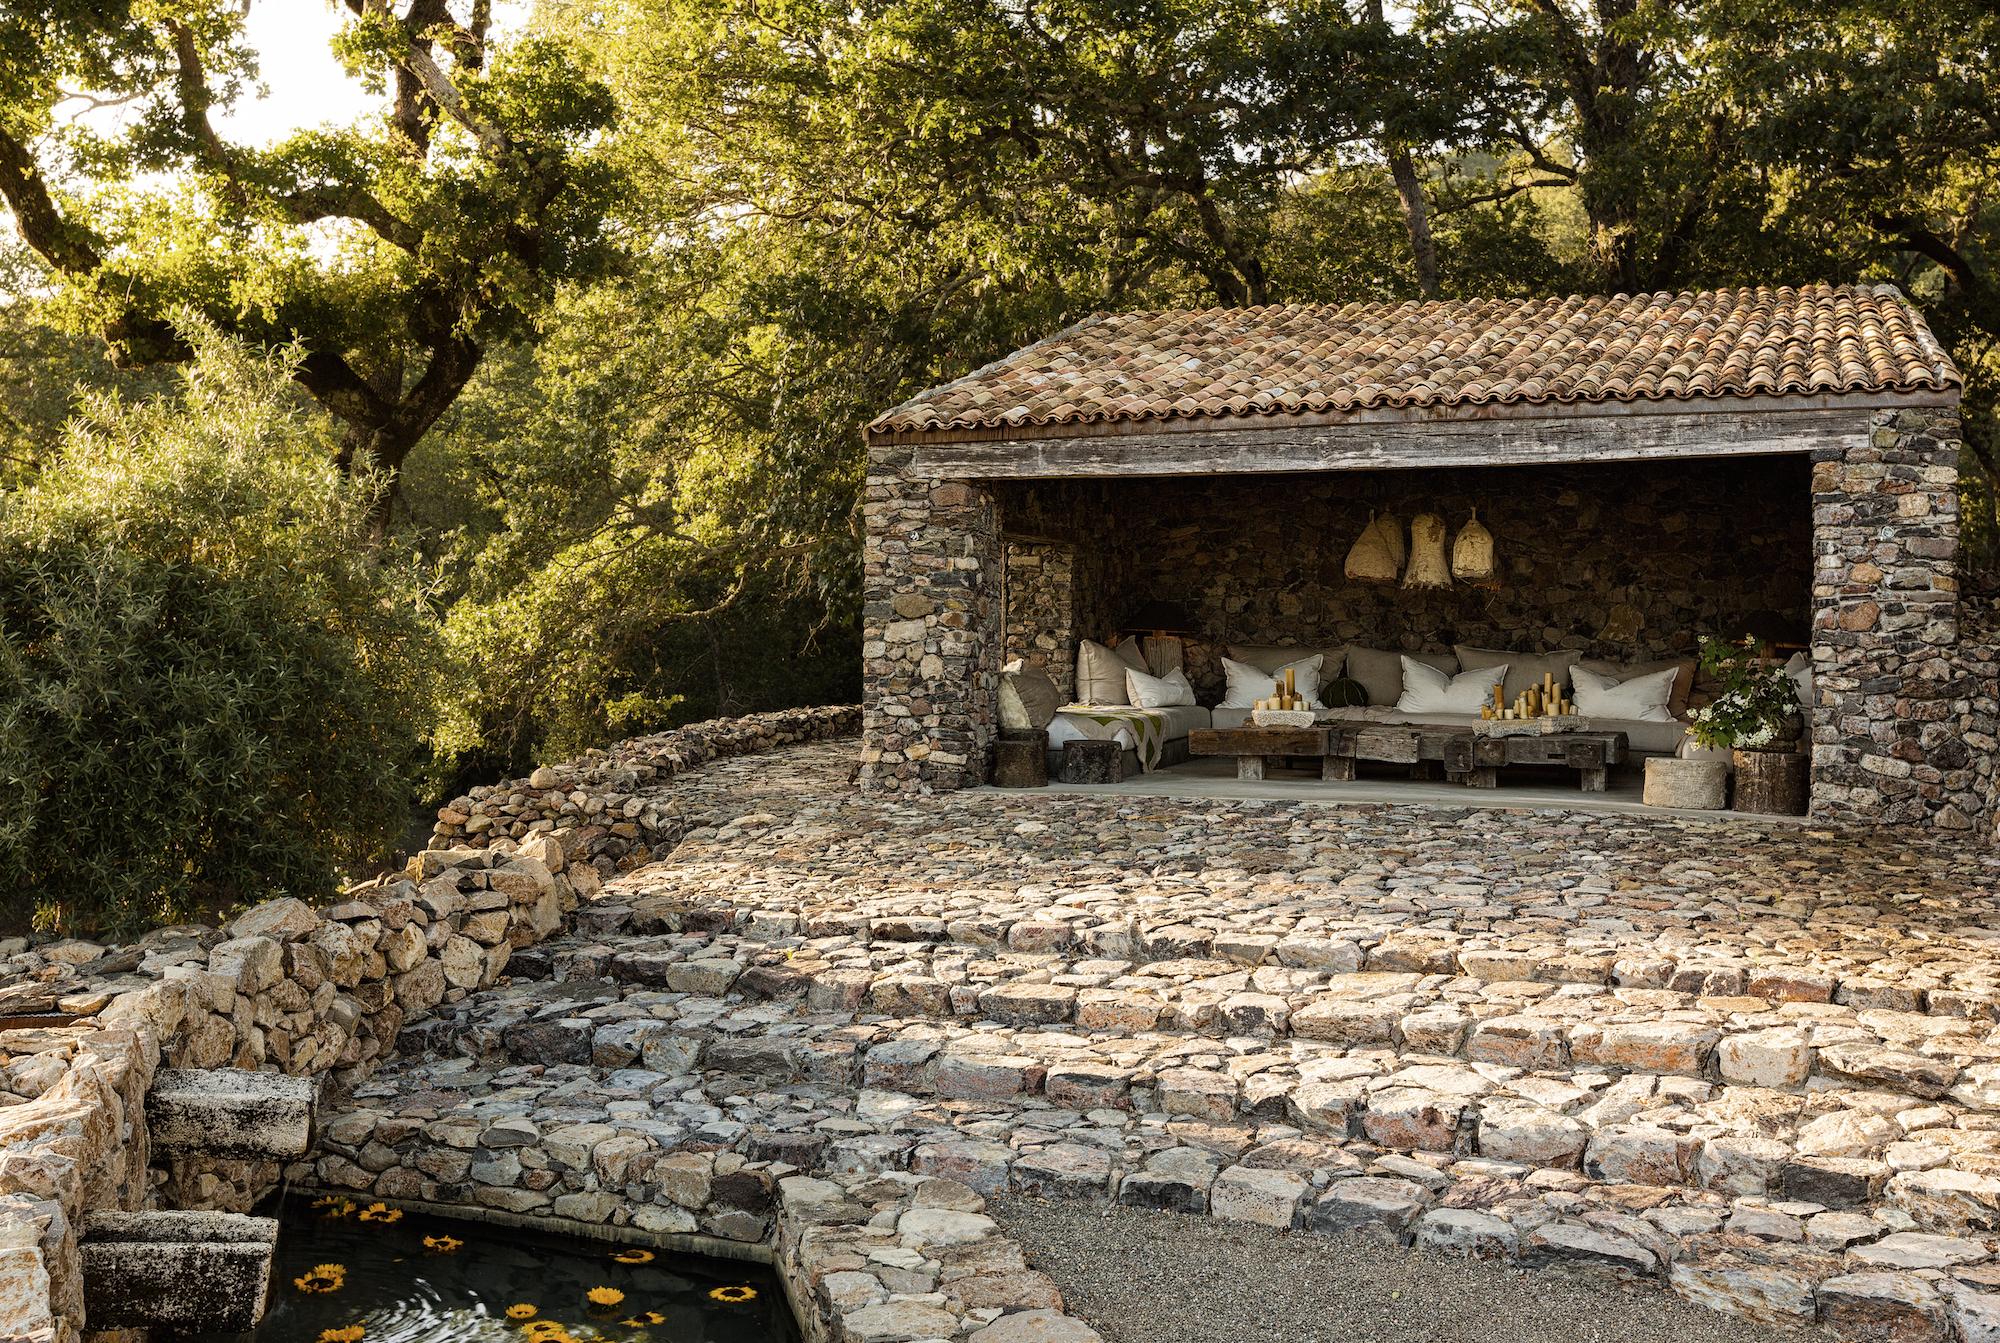 La maison de la pierre garden sonoma wendy owen design for Maison la pierre